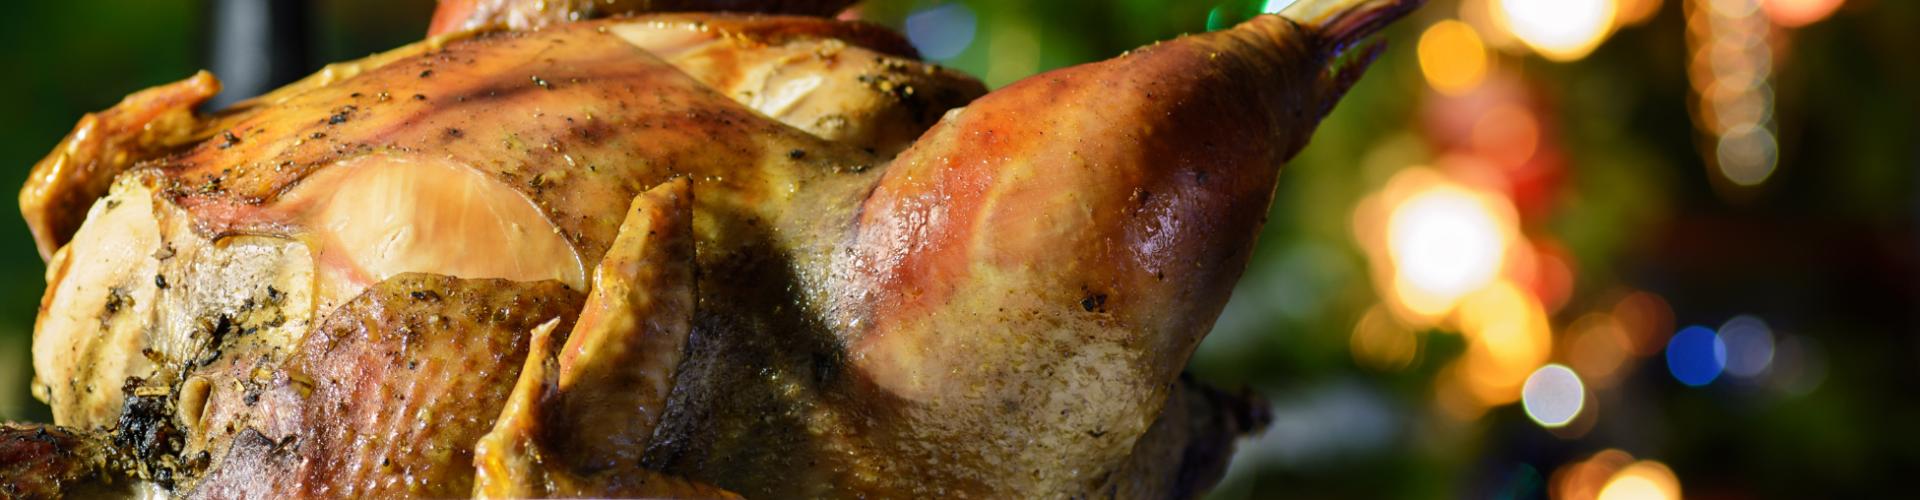 Choosing Turkeys